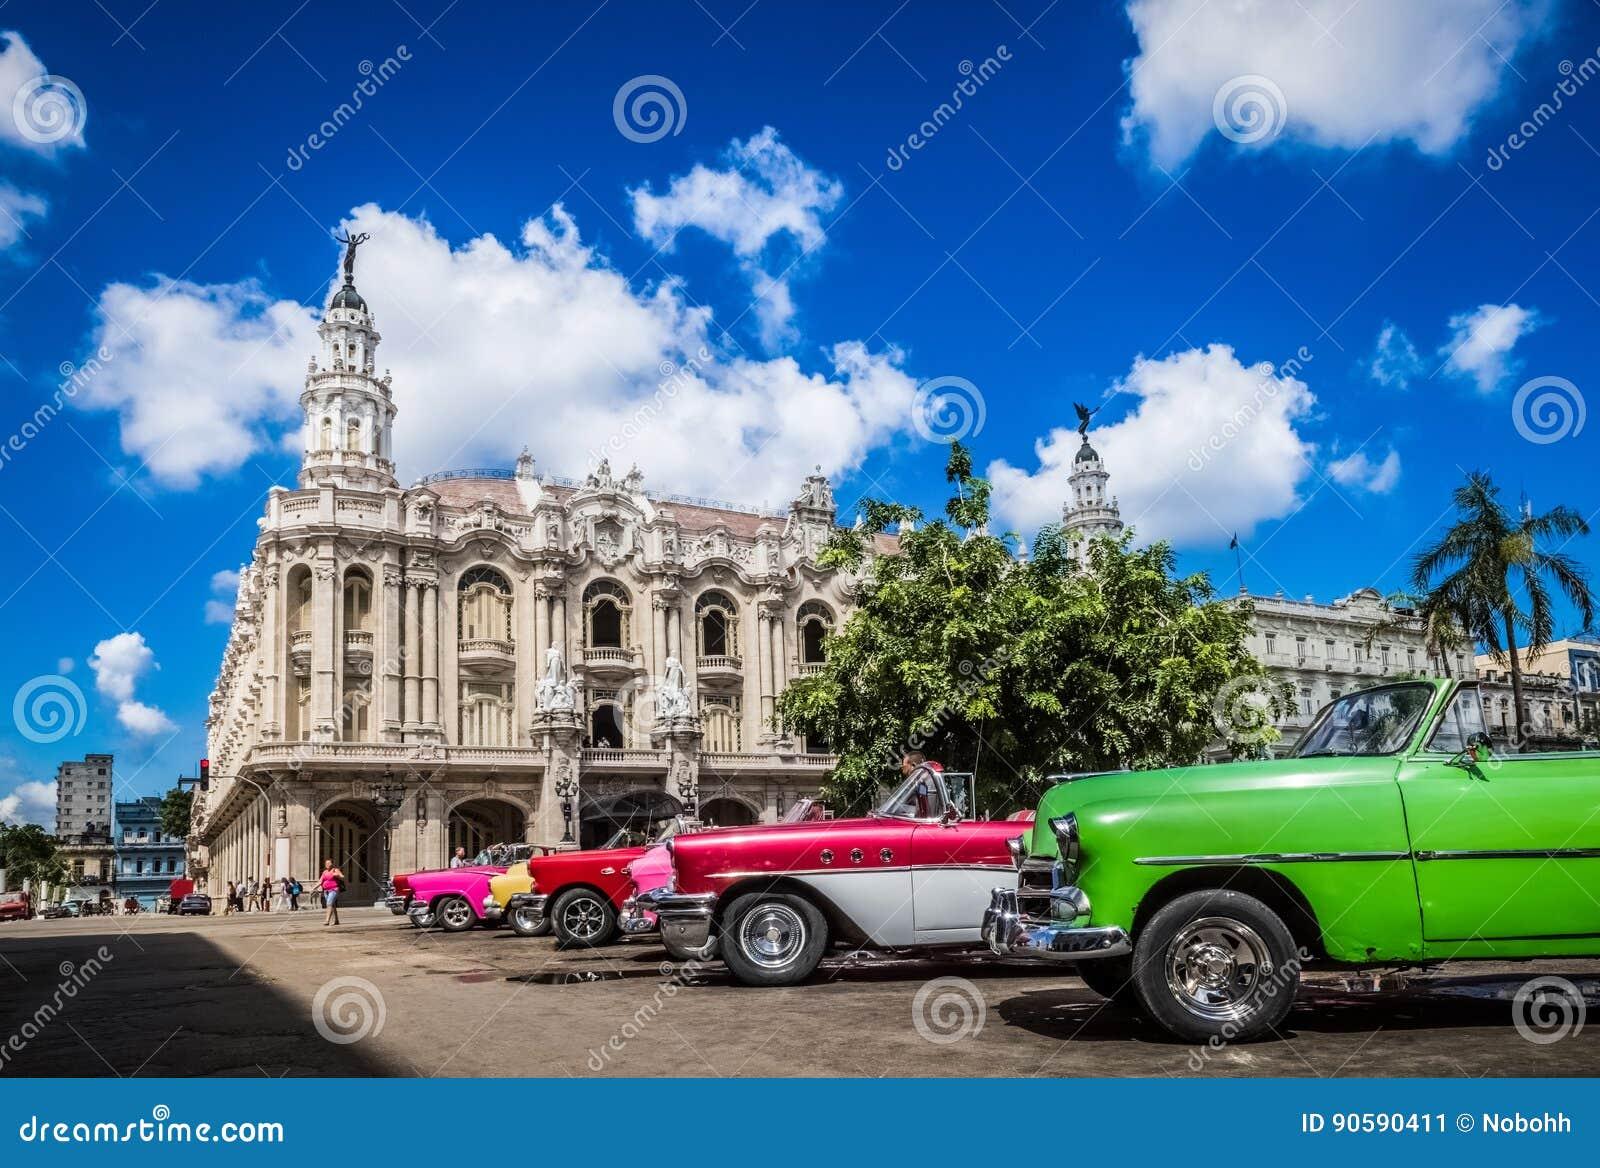 HDR - Schöne amerikanische konvertierbare Weinleseautos parkten in Havana Cuba vor dem gran teatro - Reportage Serie Kuba